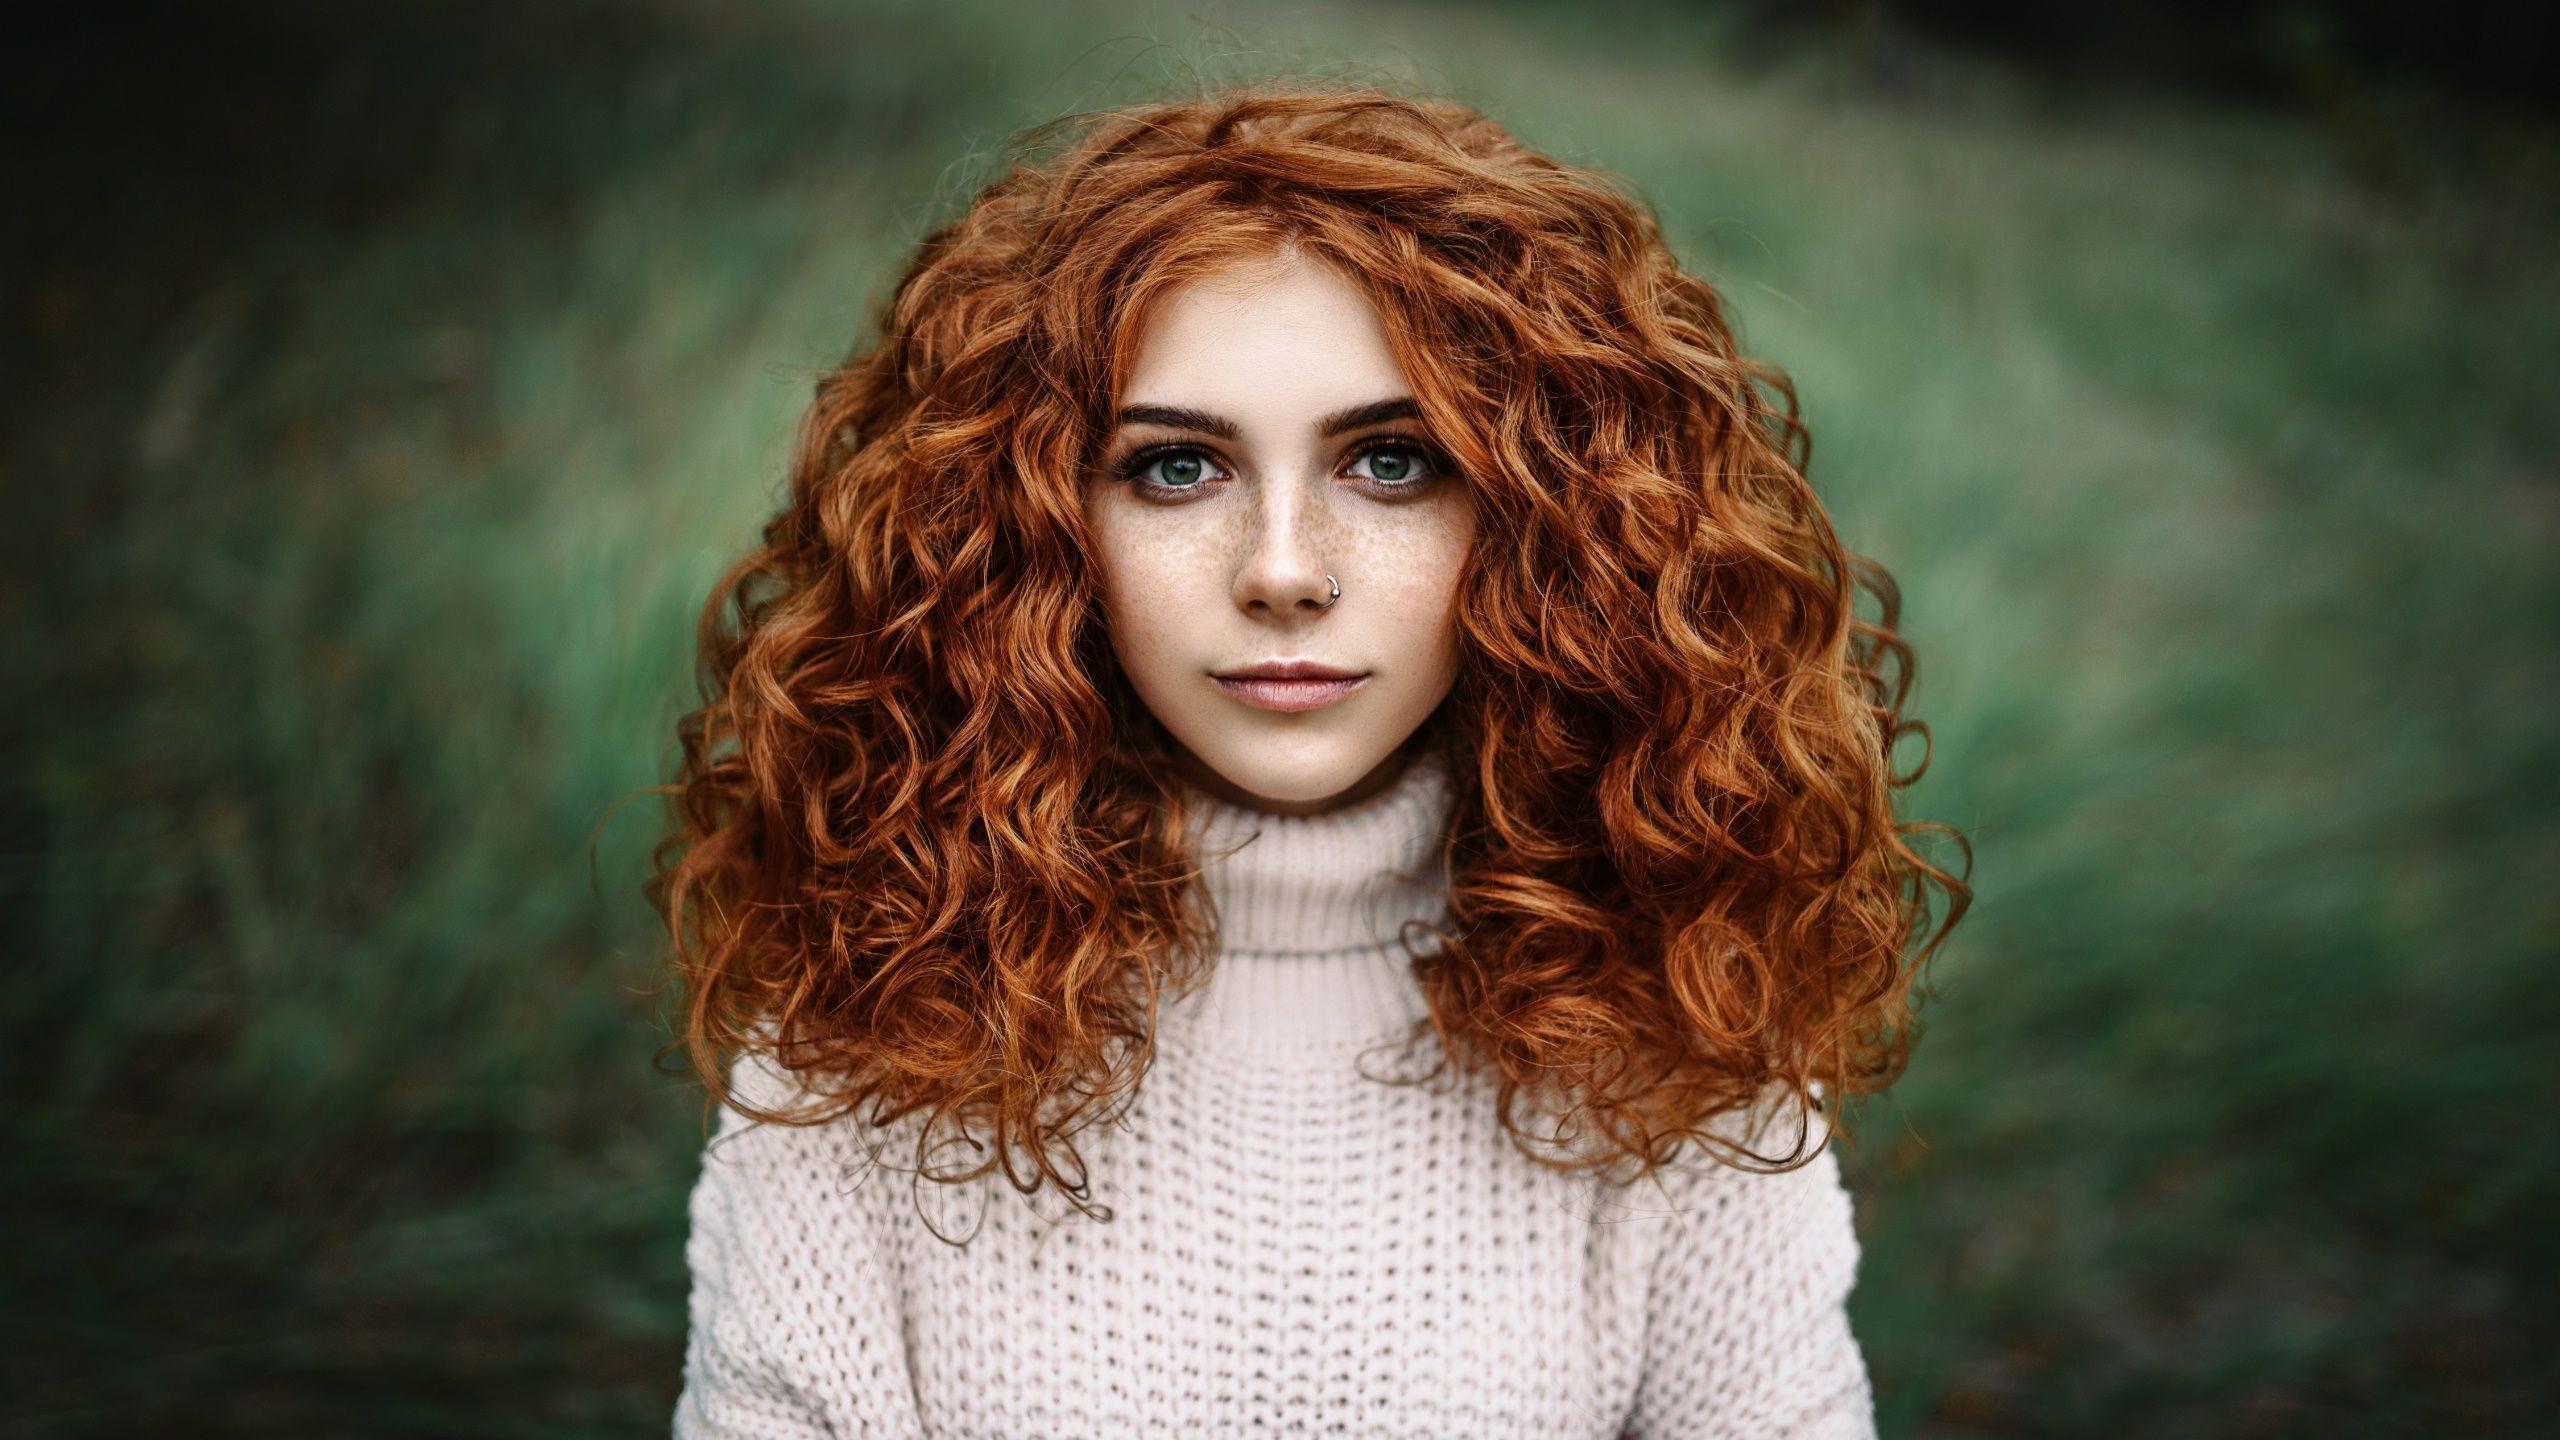 Women Redhead Face Long Hair Curly Hair